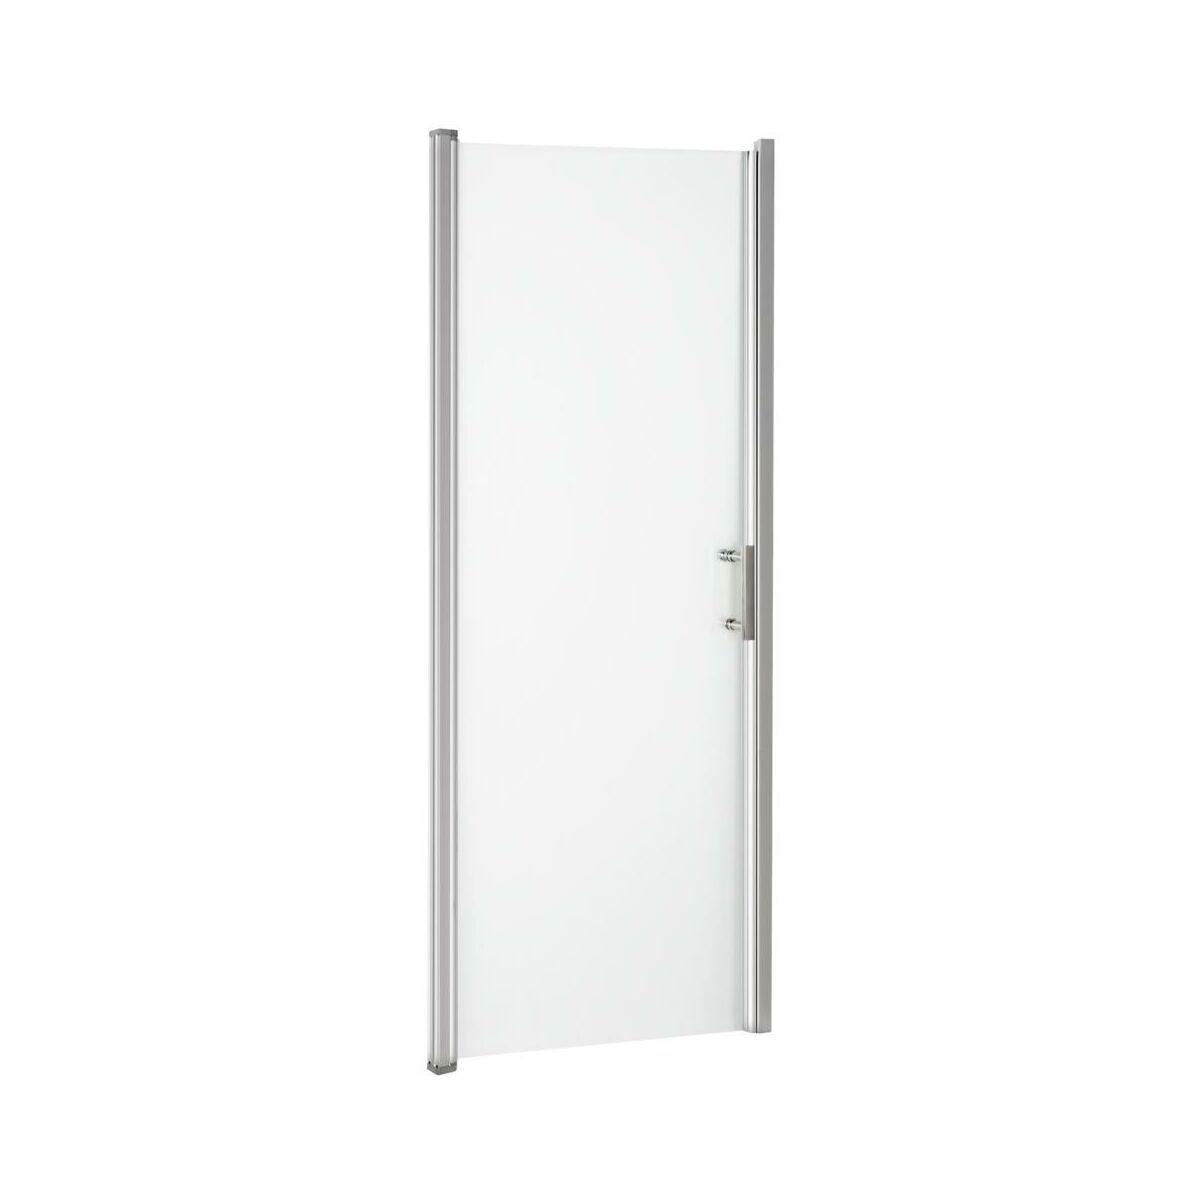 drzwi prysznicowe optima sensea drzwi i cianki prysznicowe w atrakcyjnej cenie w sklepach. Black Bedroom Furniture Sets. Home Design Ideas